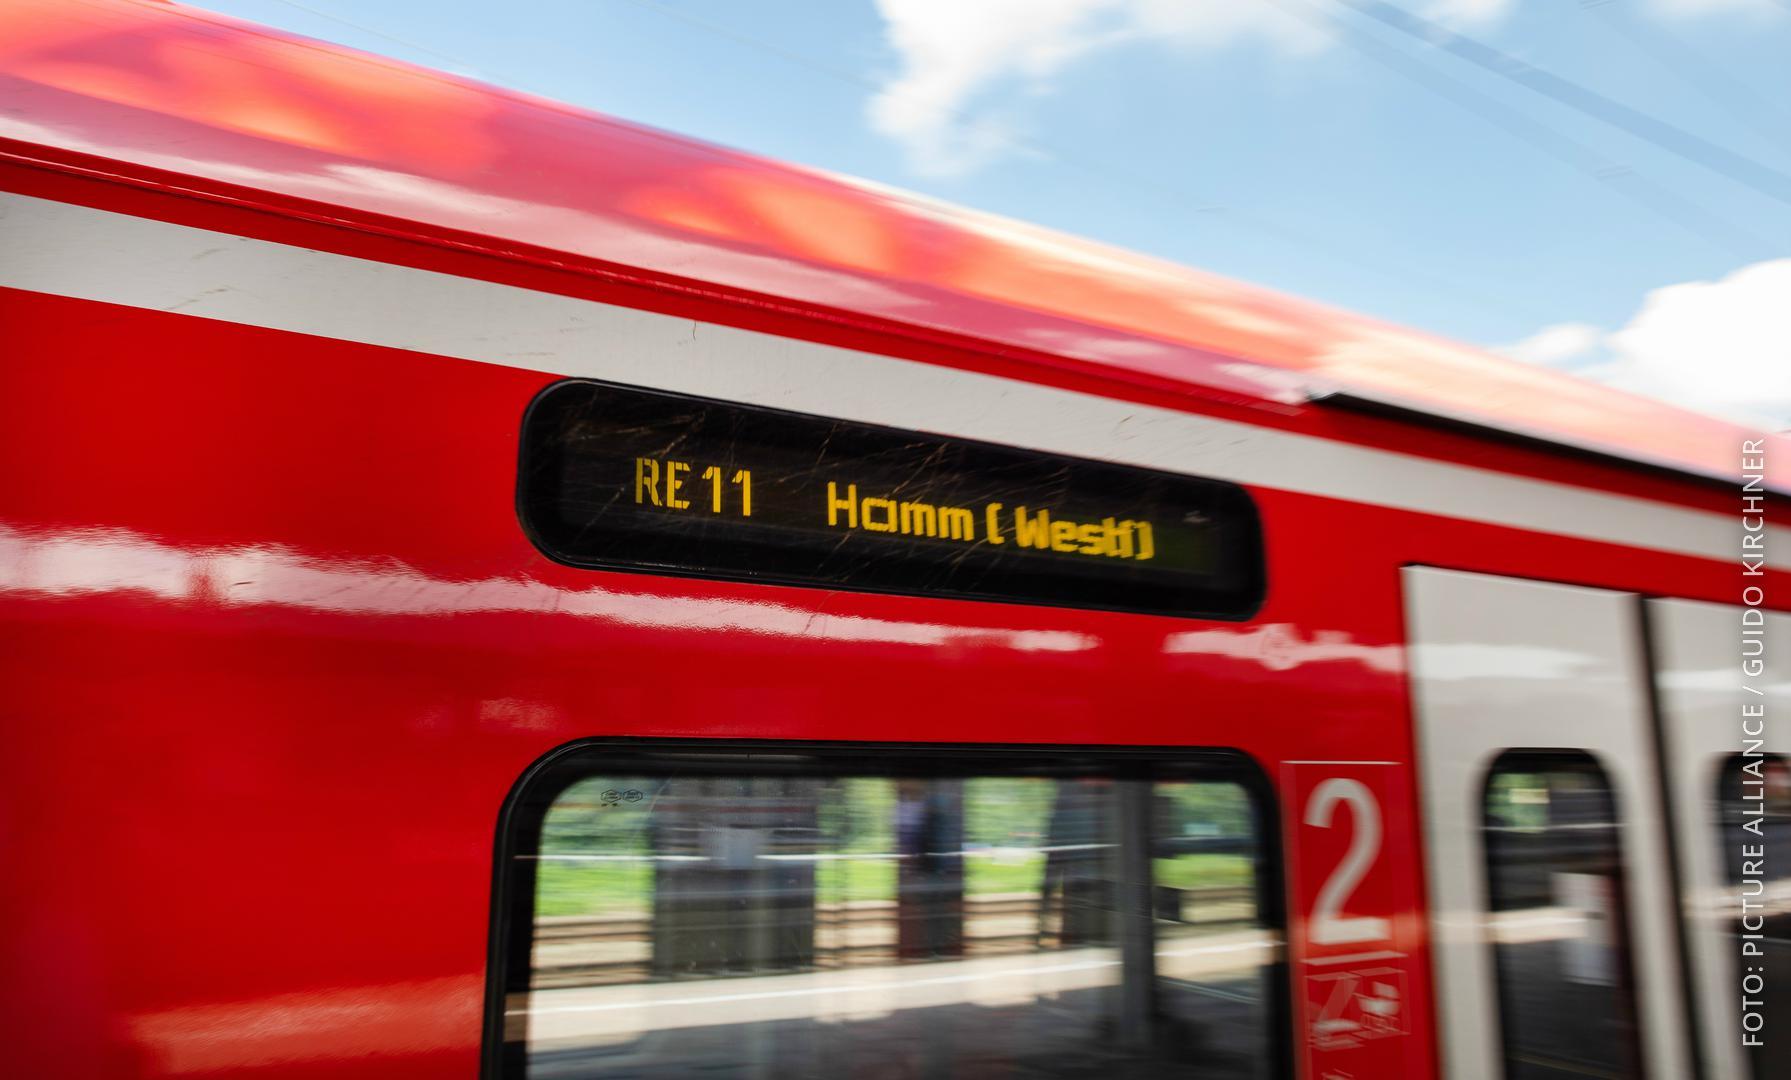 Der RE11 mit Fahrtziel Hamm (Westfalen)